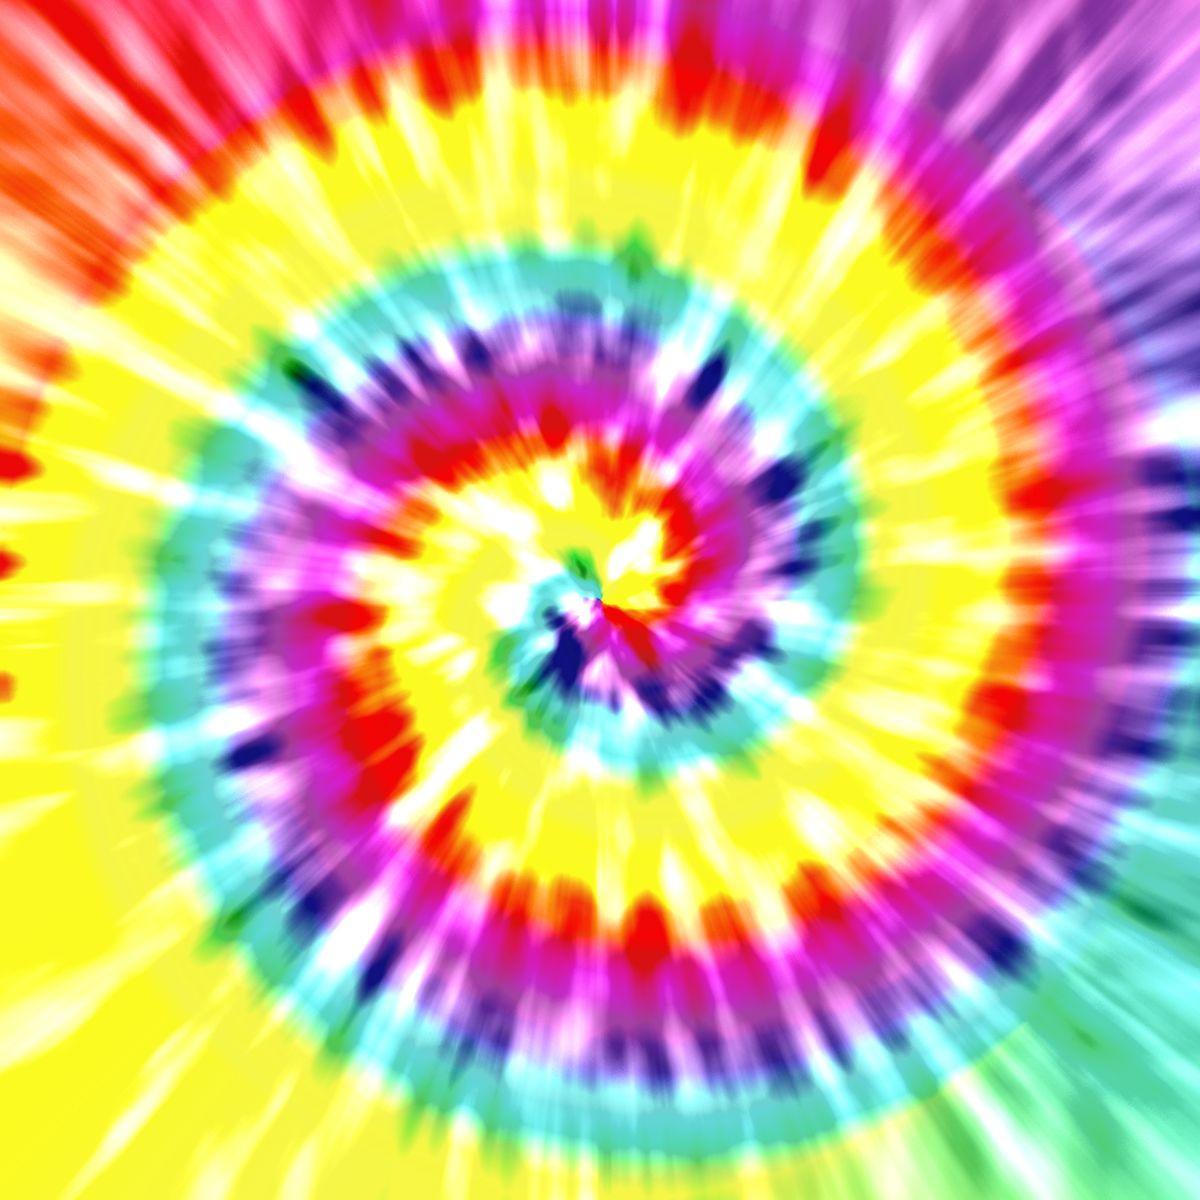 Fantasy sunburst Tie Dye | Photoshop Tie Dye Art by Aileen Everlast ...